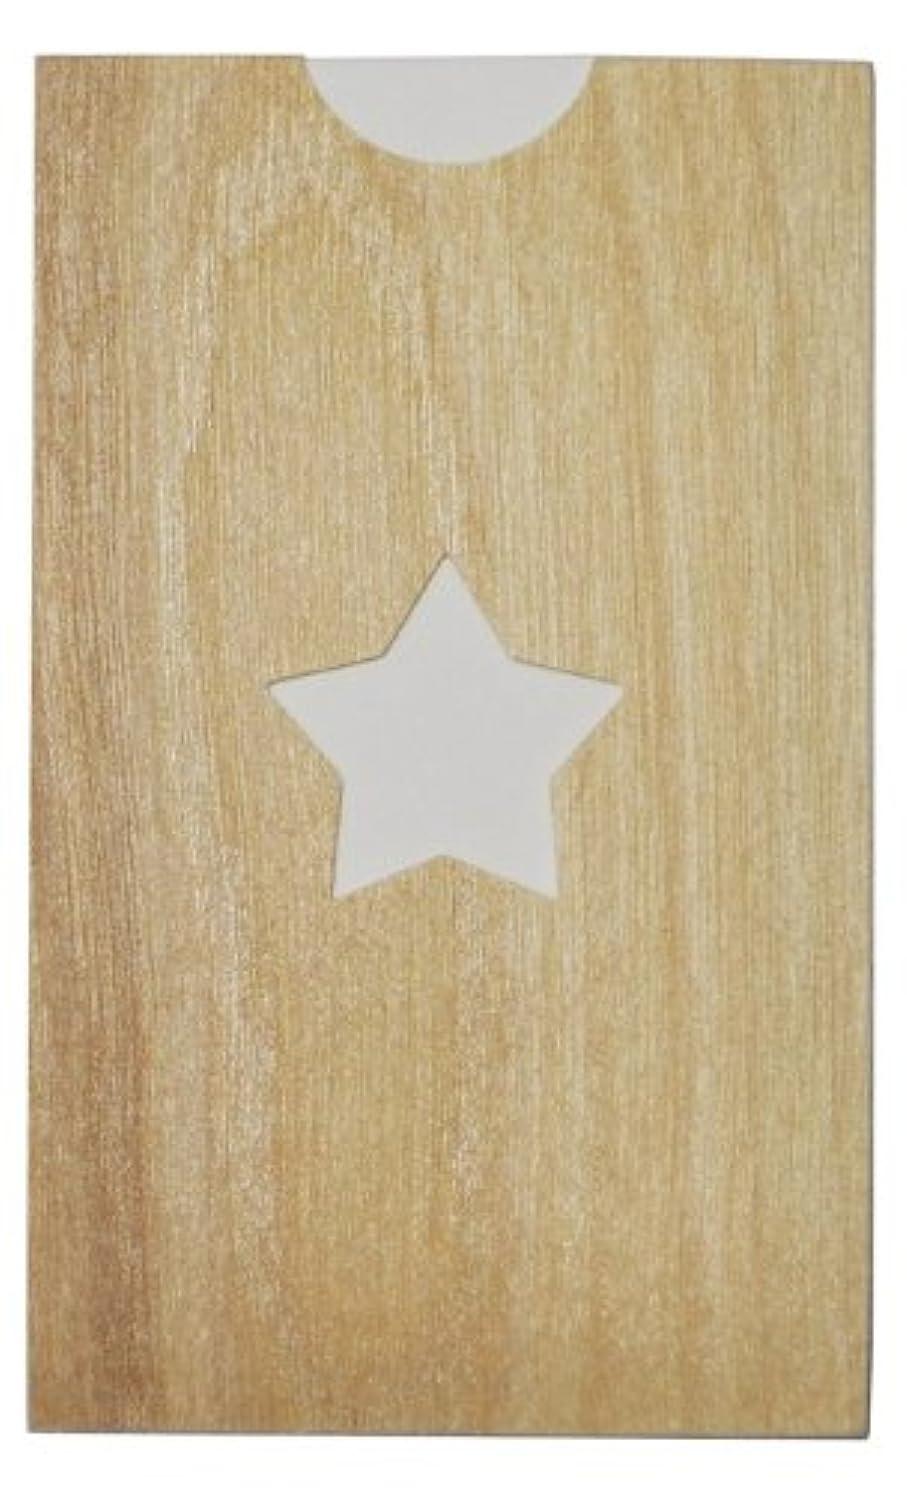 ドリルスリップyuica(ユイカ) 香りのカード /星(ヒノキのシートケース+ムエット紙10枚)